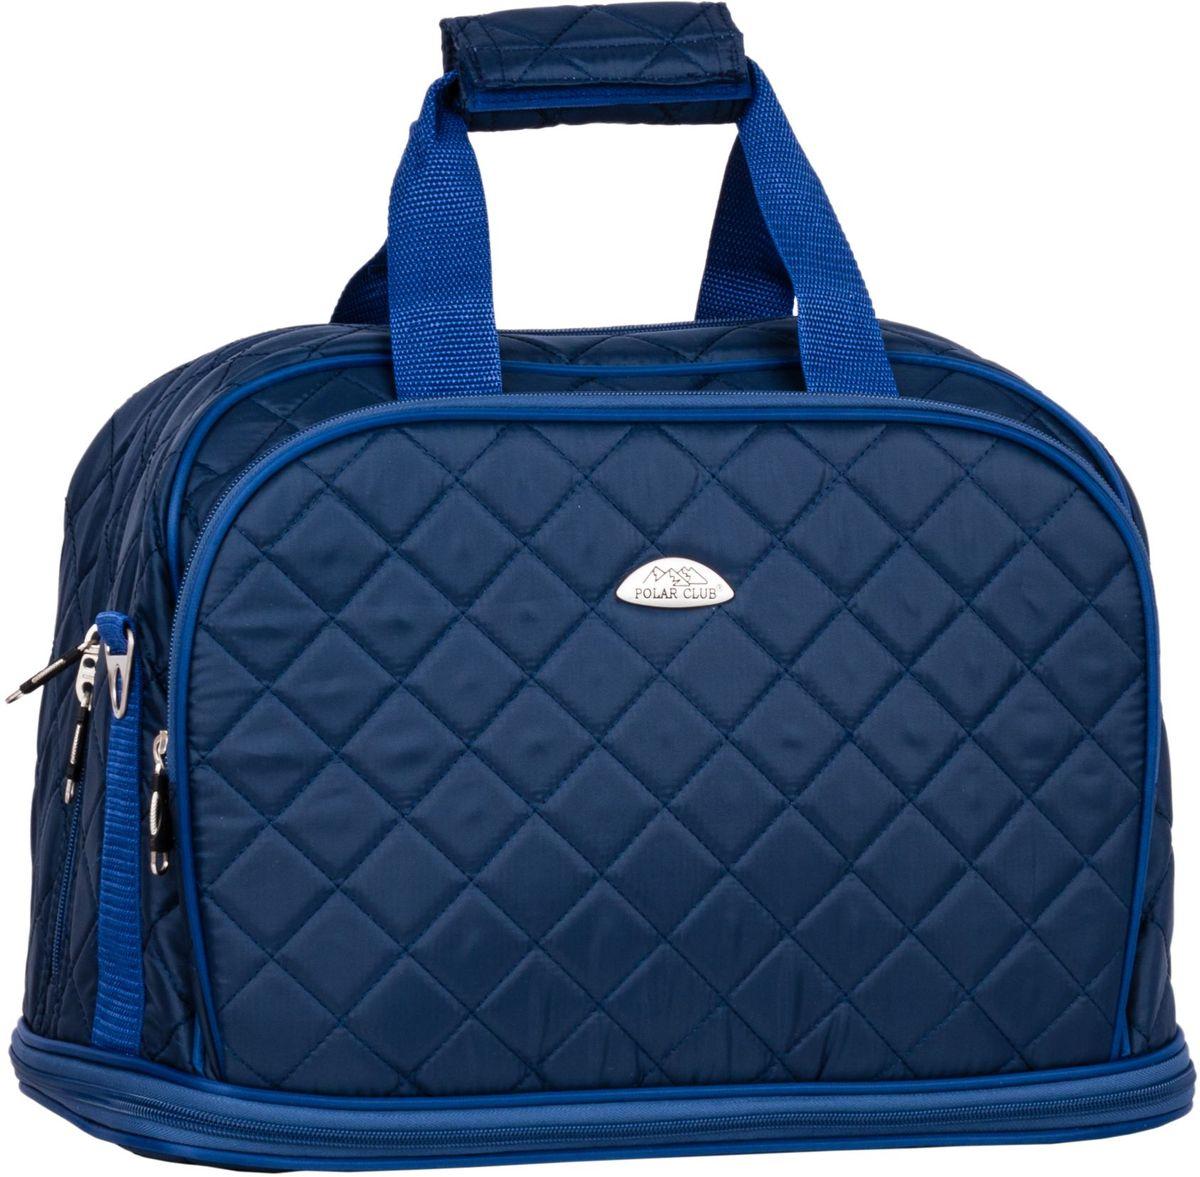 Сумка дорожная Polar  Стежка , цвет: синий, 29 л. П7079 - Дорожные сумки